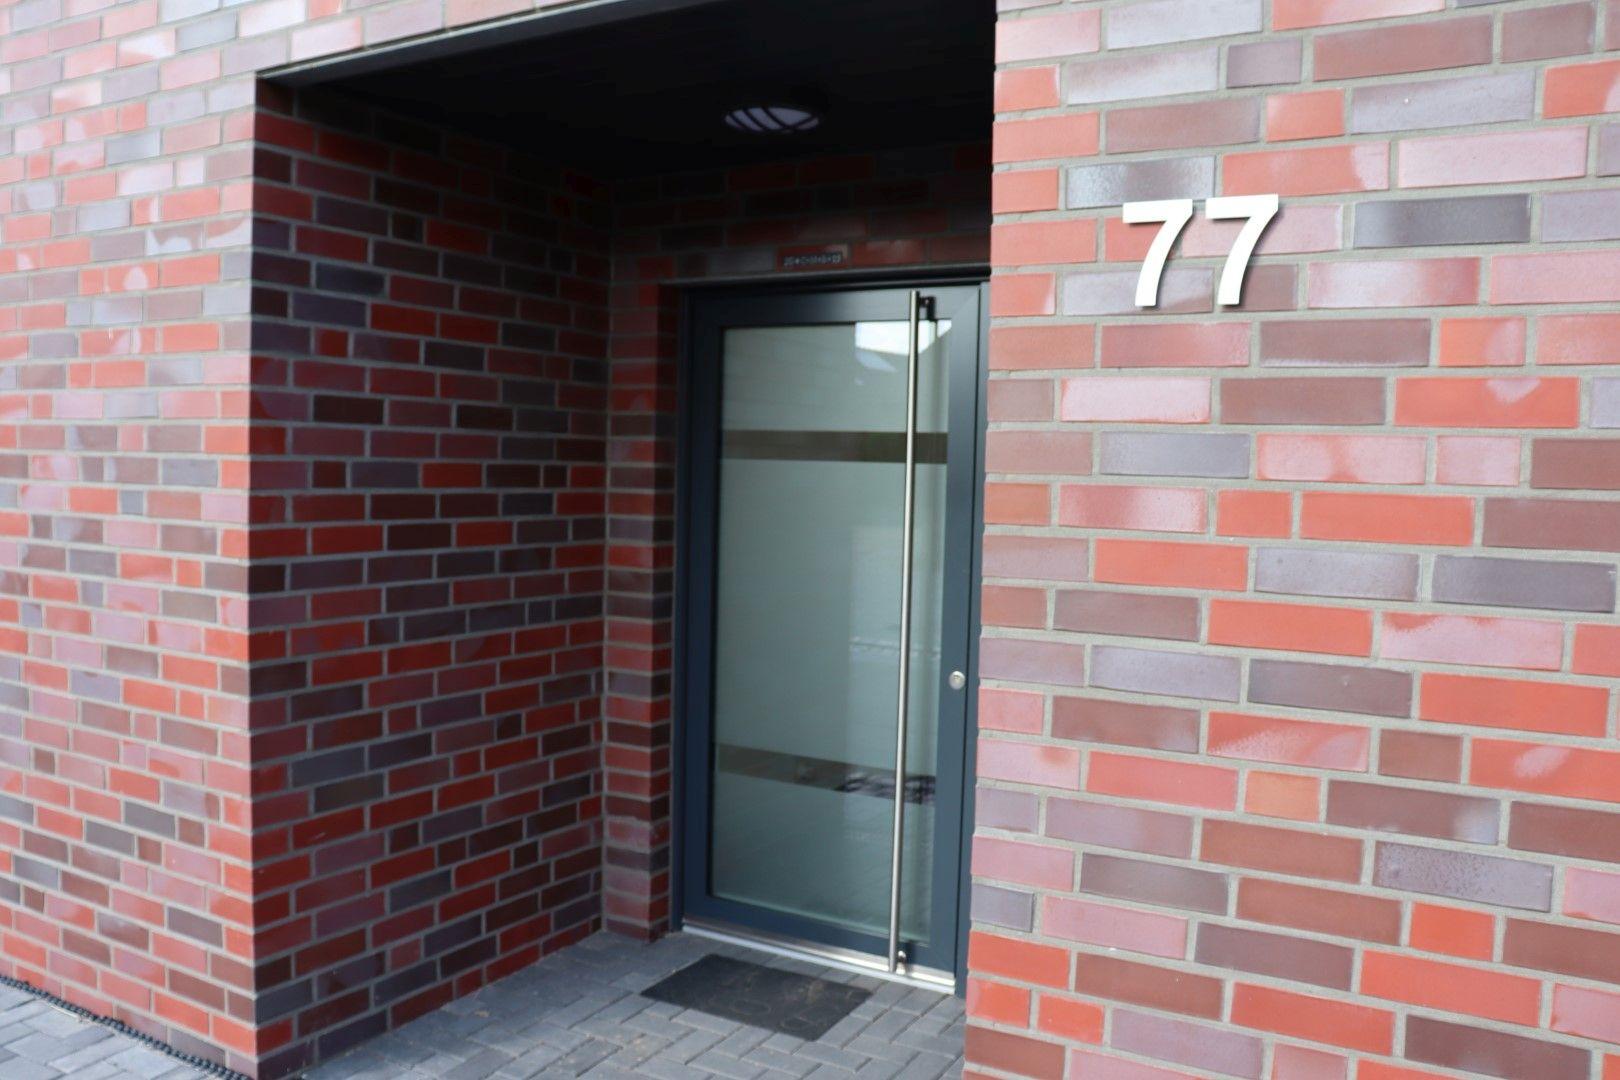 Immobilie Nr.0266 - 2-Raum-Erdgeschoss-Wohnung im Neubau mit hochwertiger Ausstattung - Bild main.jpg